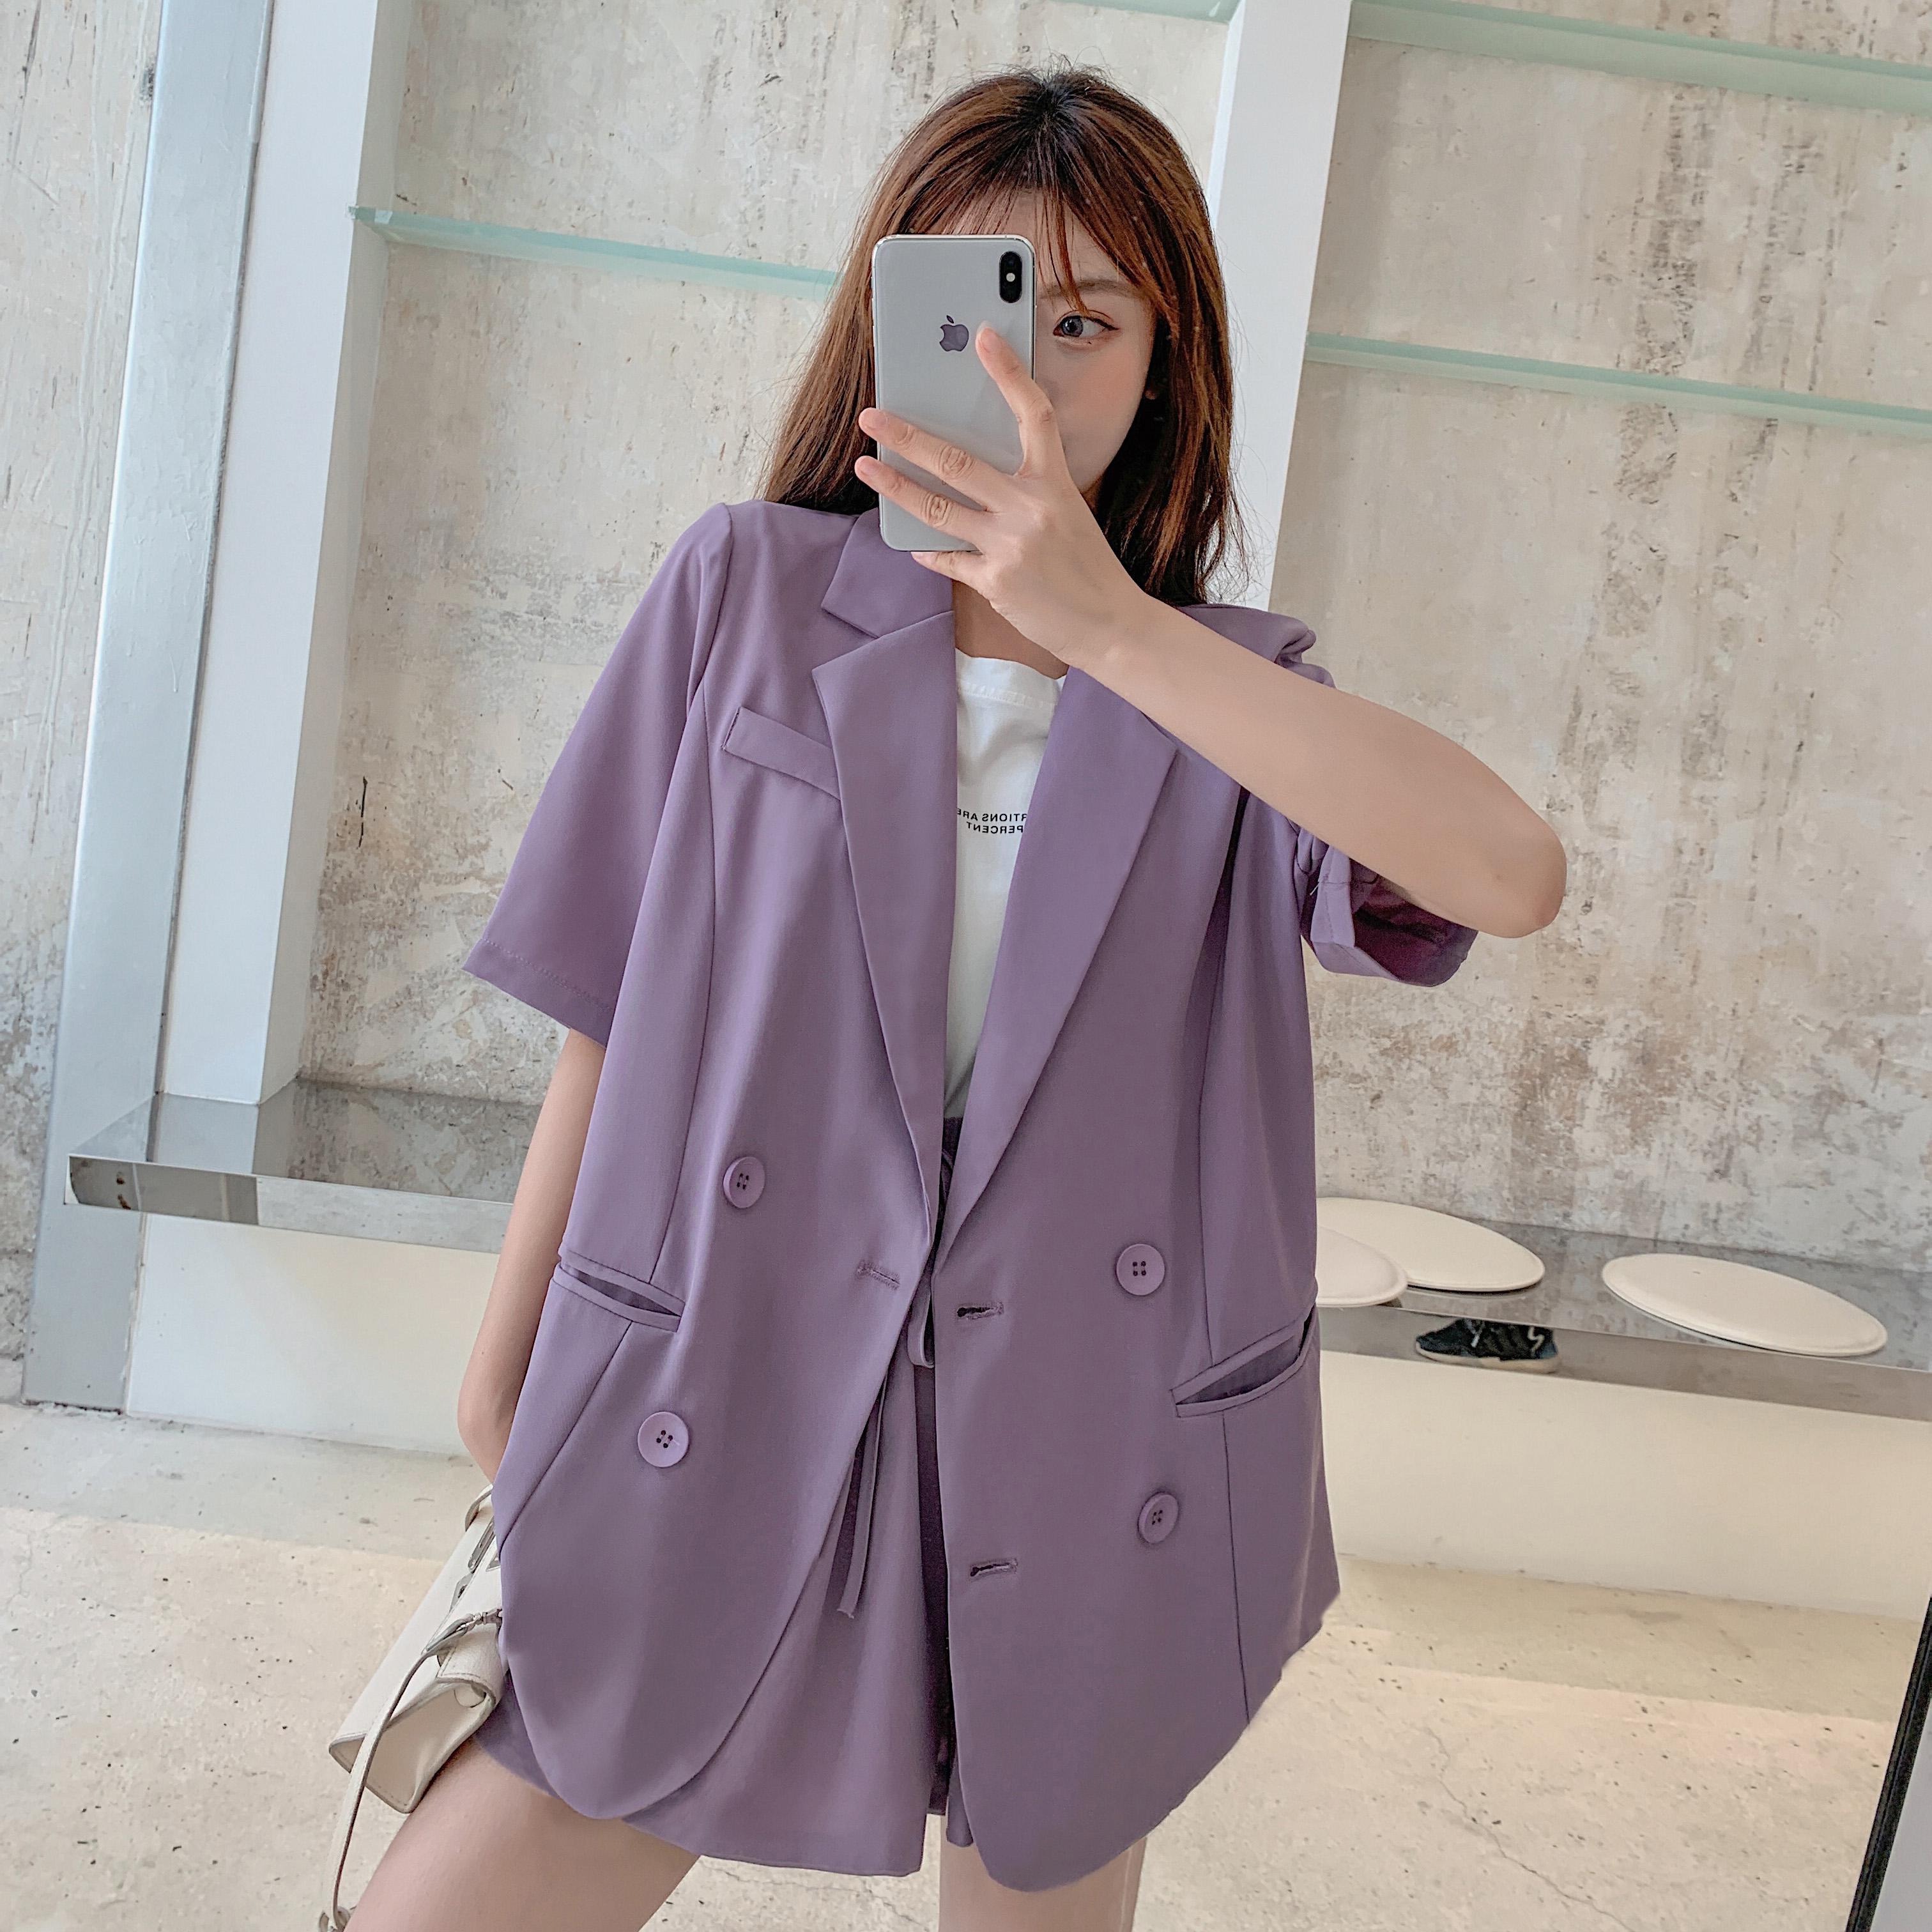 实拍现货961#西装套装女2020年夏新款减龄西服韩版洋气休闲两件套 -